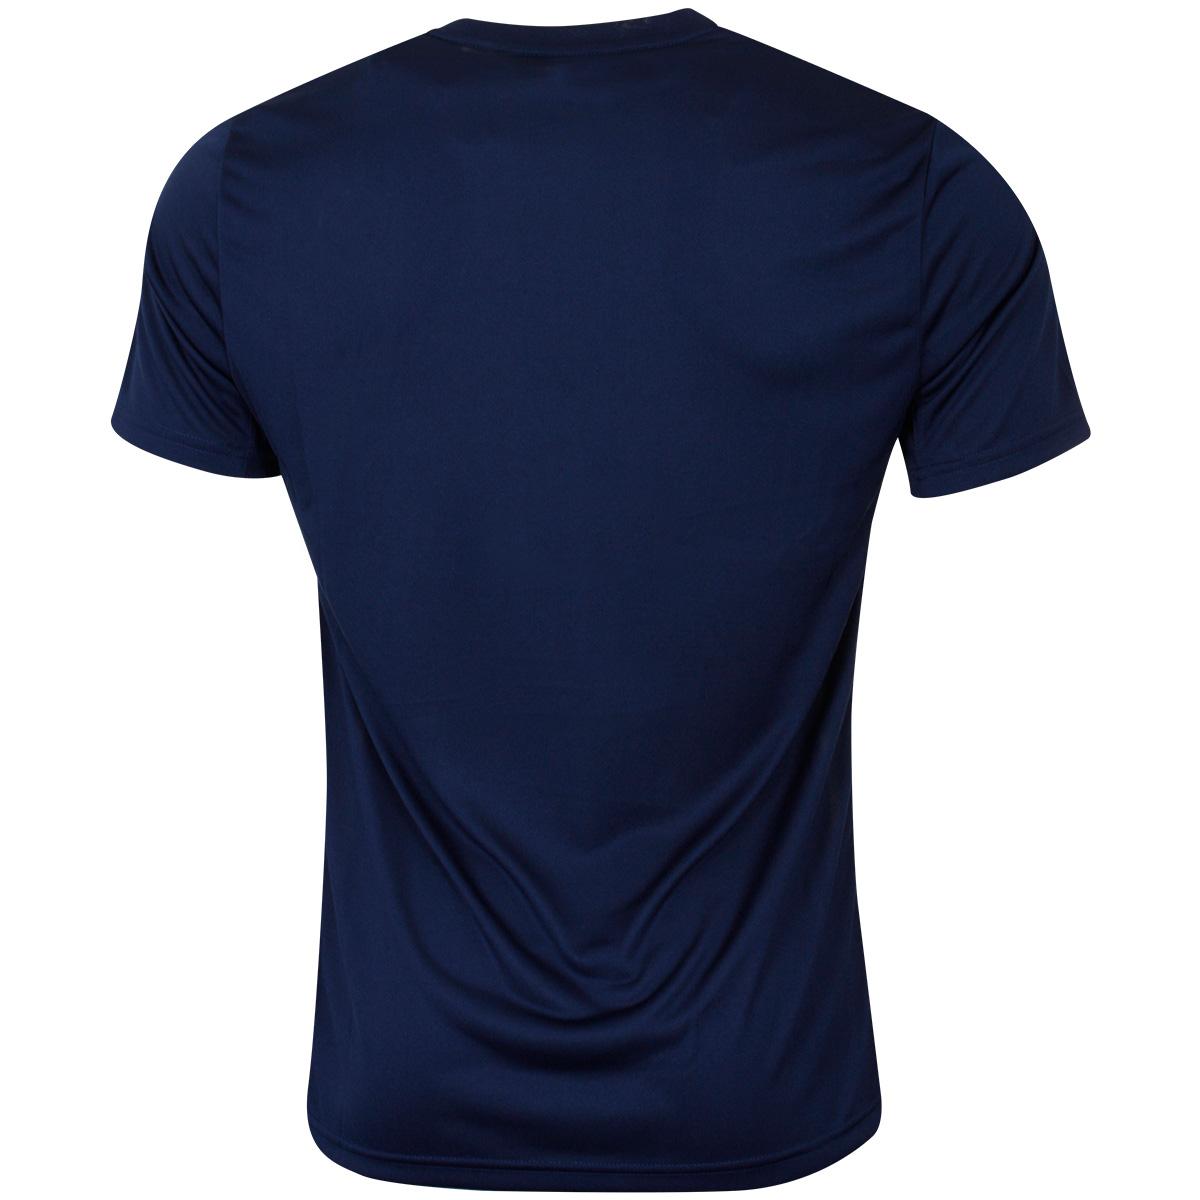 Calvin-Klein-Golf-Mens-2019-Harlem-Lightweight-Quick-Drying-Crew-Neck-T-Shirt miniatuur 13